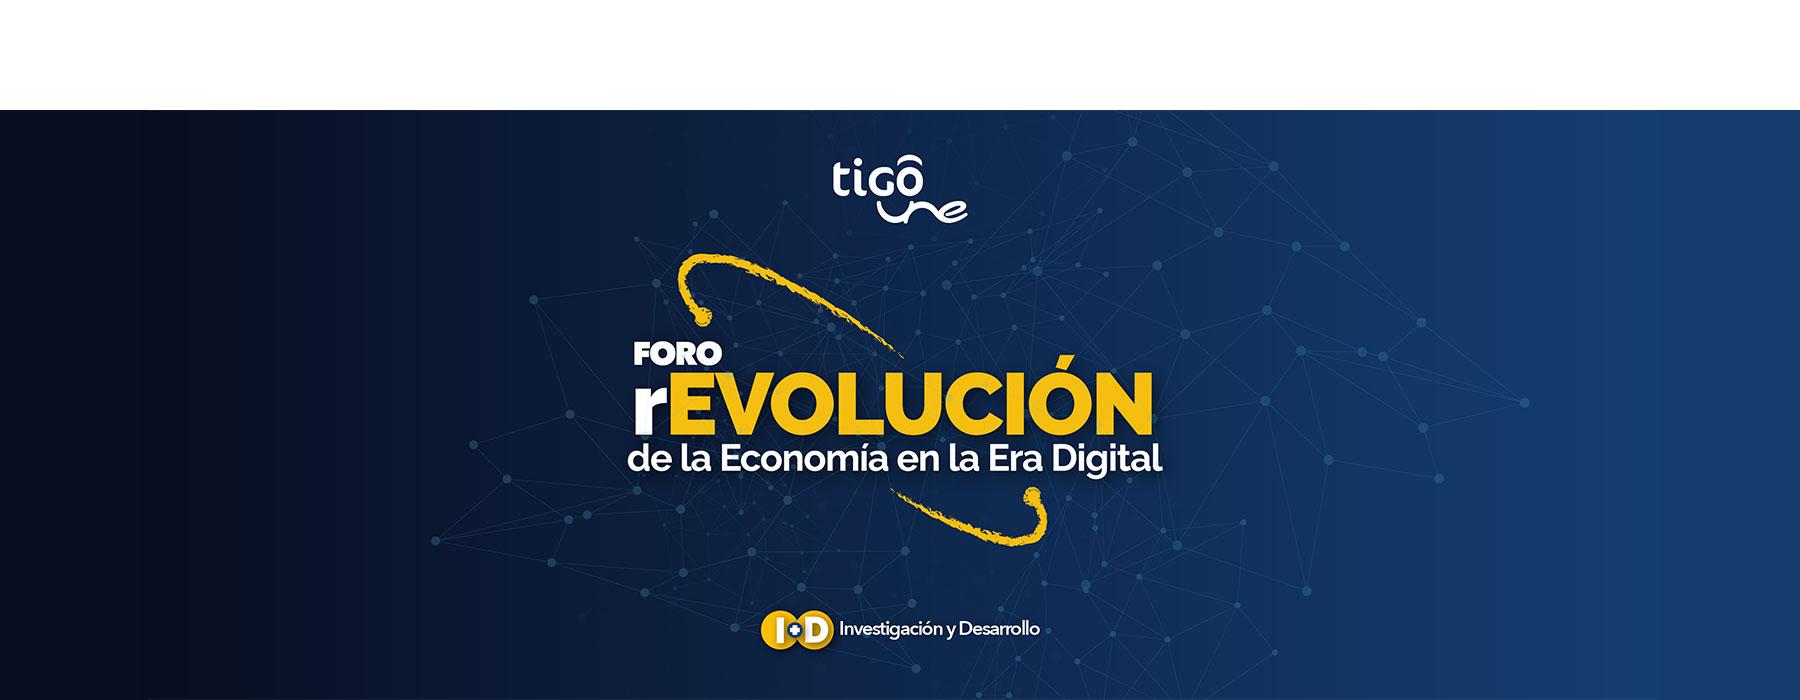 foro revolución de la economía en la era digital